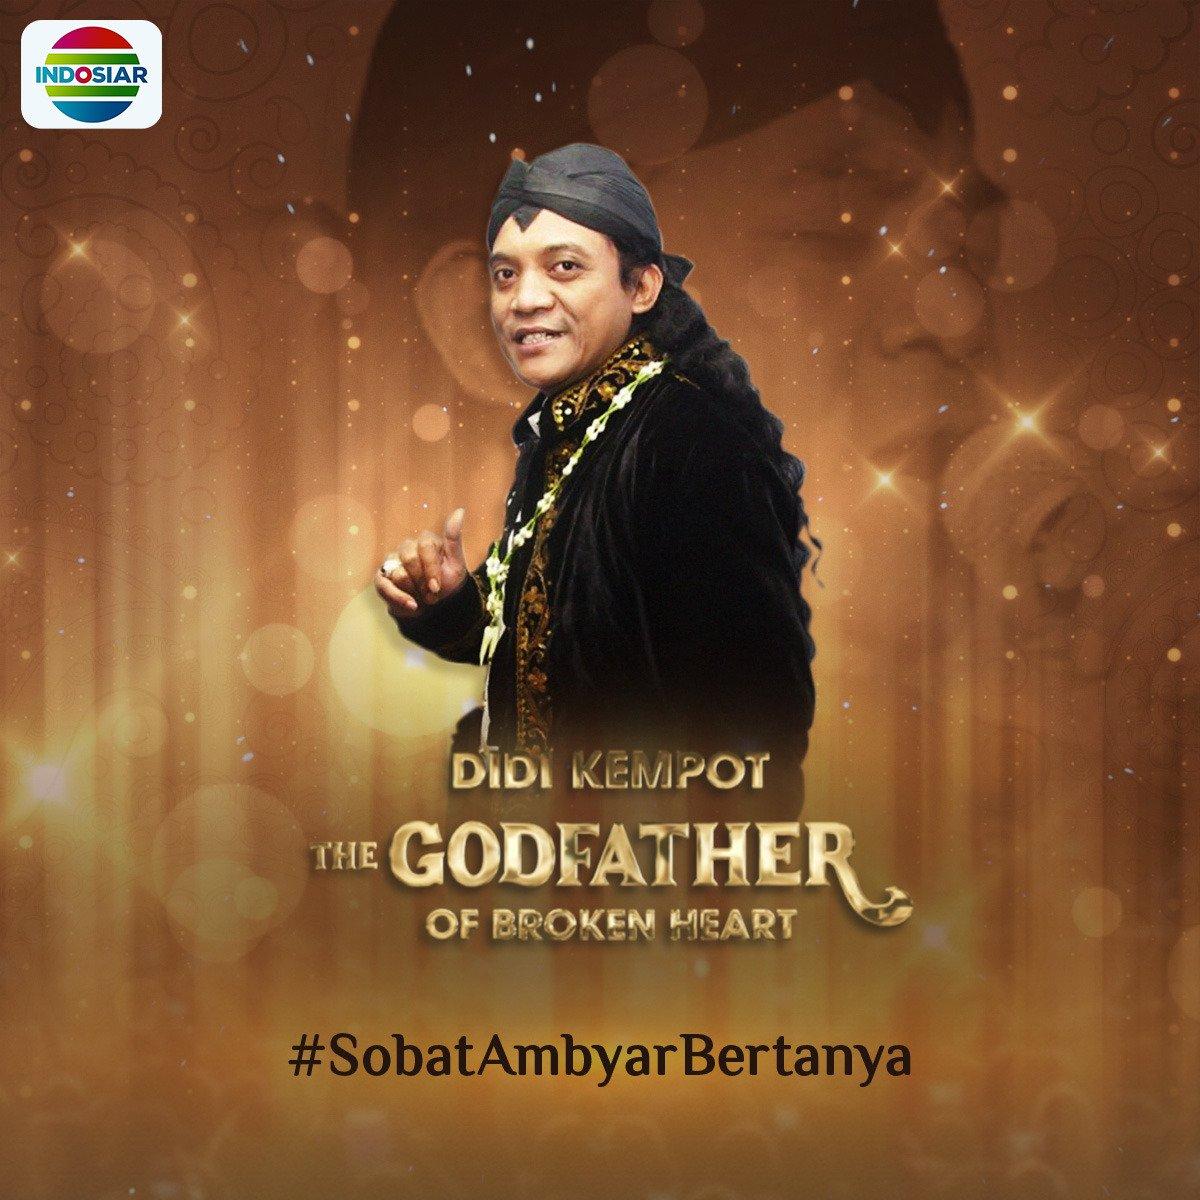 Indosiar در توییتر Hai Hai Sobat Ambyar Mas Didi Kempot Bakal